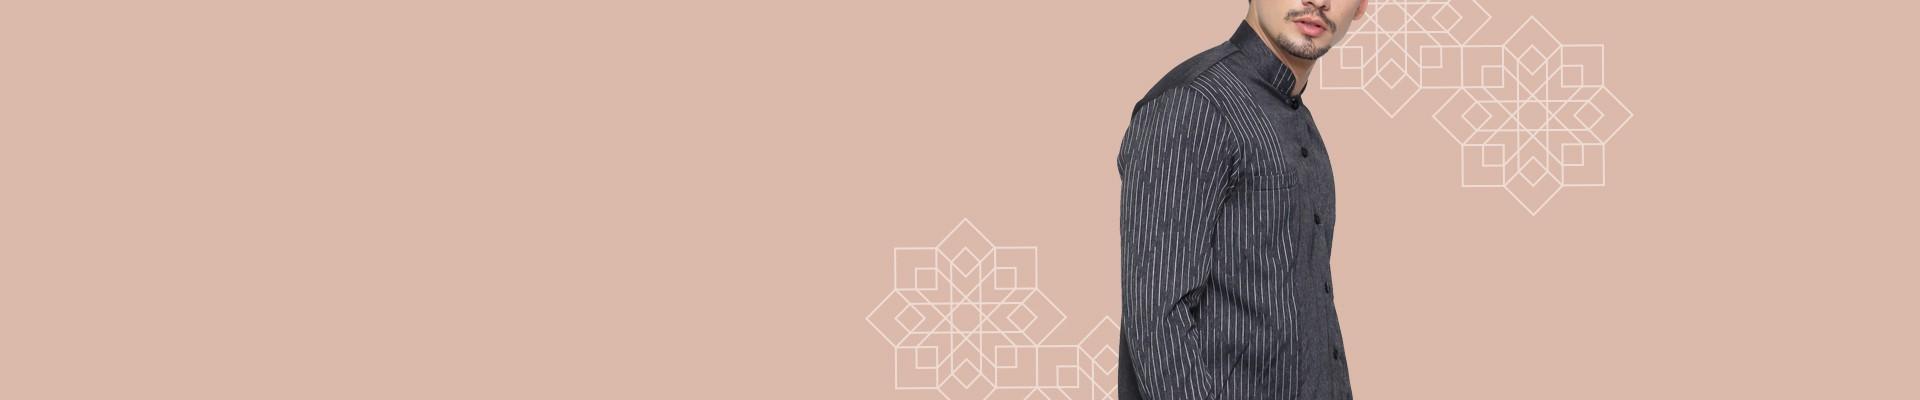 Jual Baju Koko Pria Modern - Model Koko Terbaru